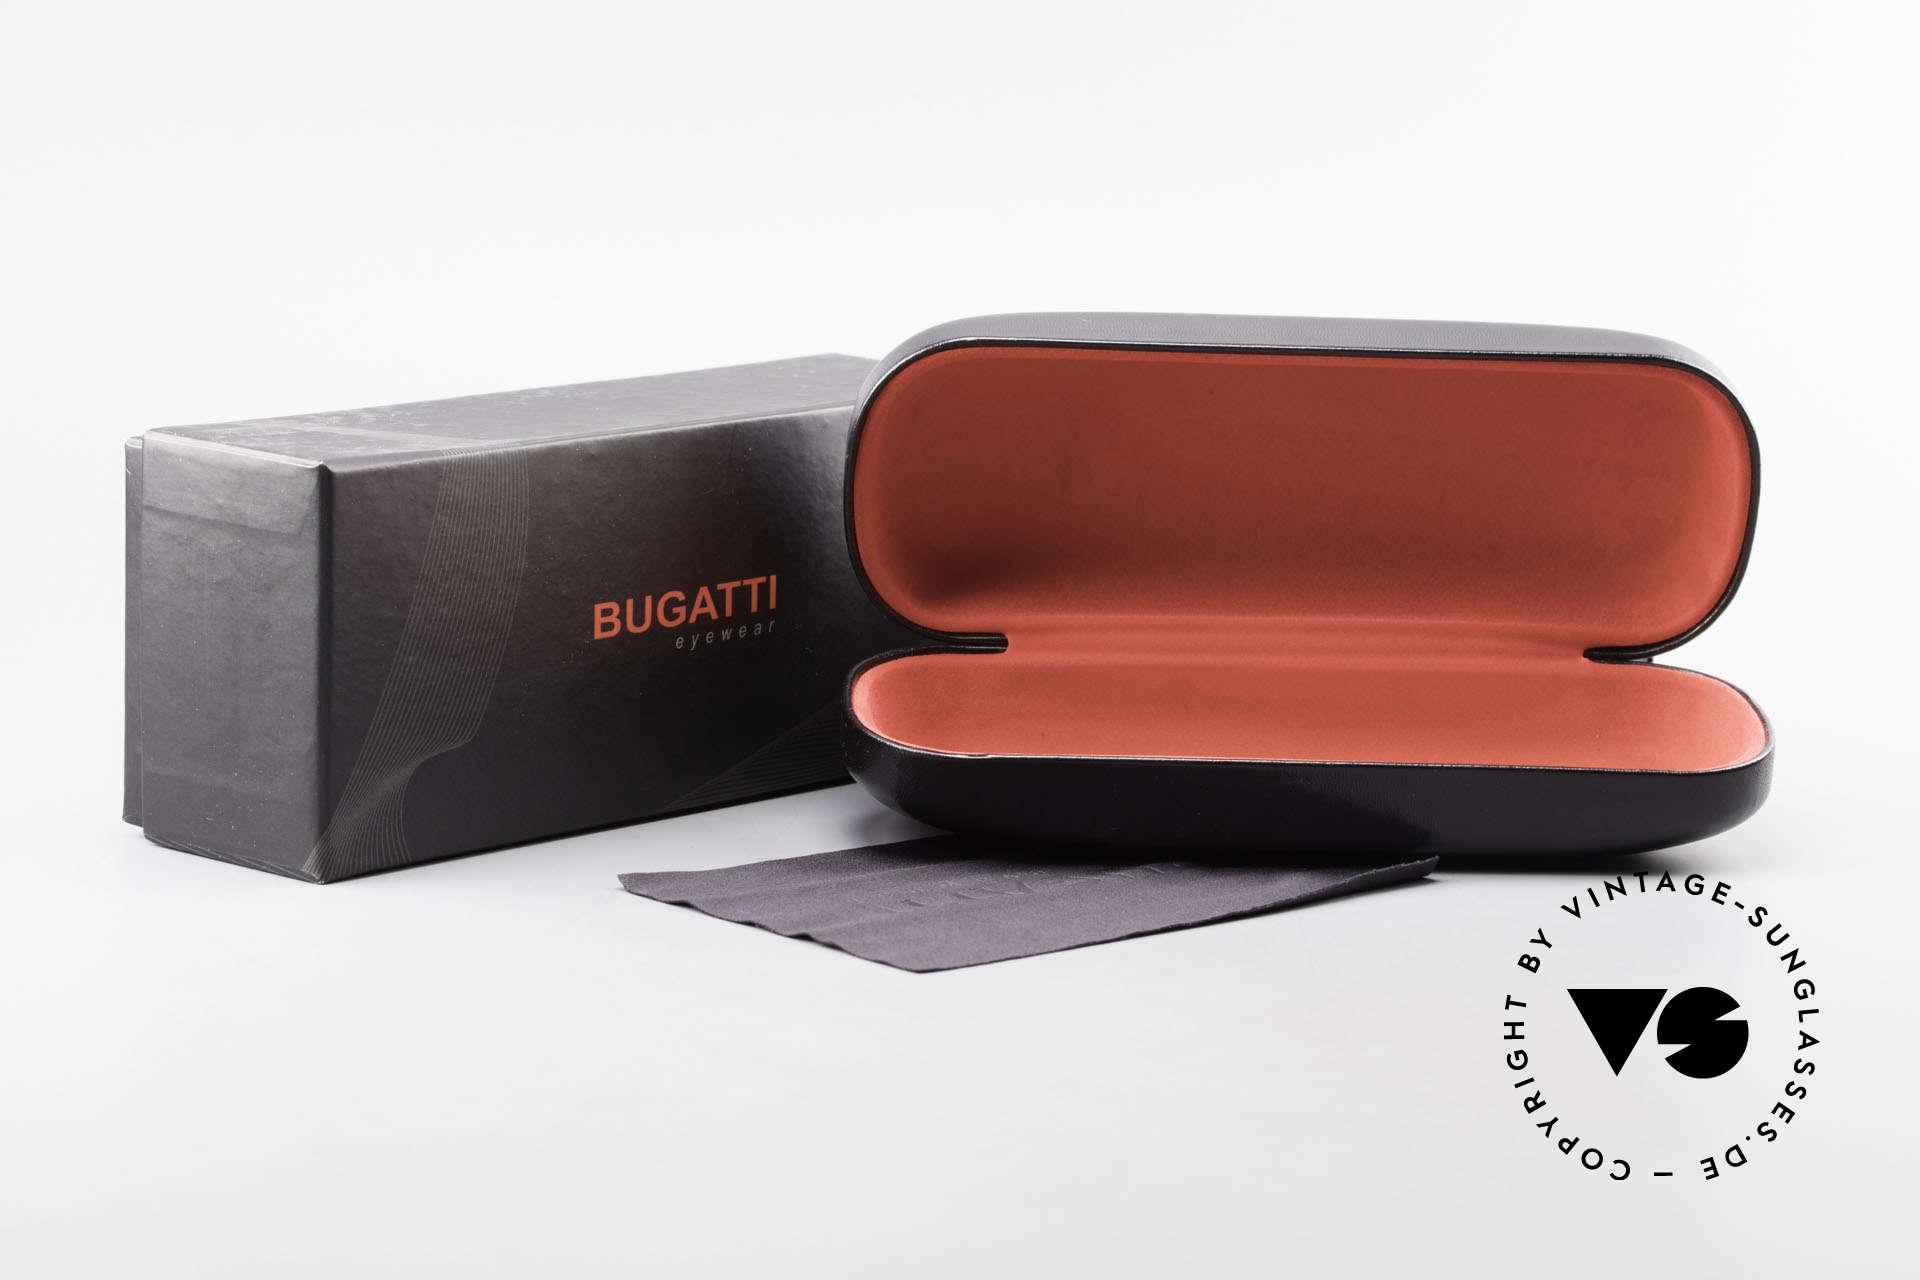 Bugatti 517 Ebenholz Weissgold Fassung, Größe: large, Passend für Herren